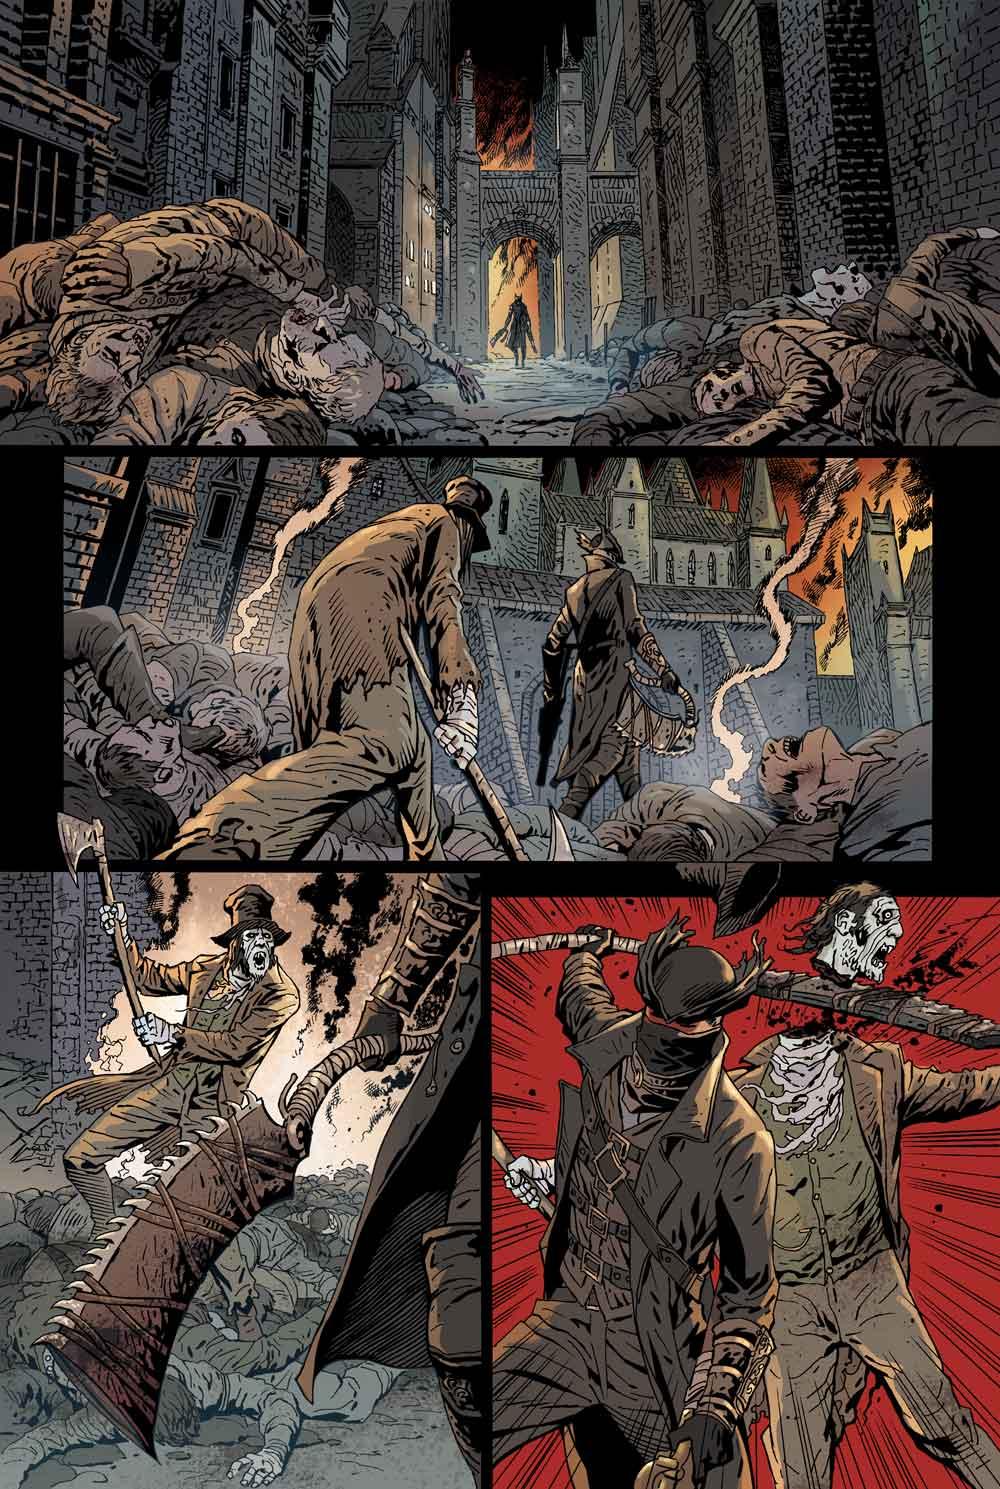 Veja a capa e algumas imagens do novo quadrinho de Bloodborne